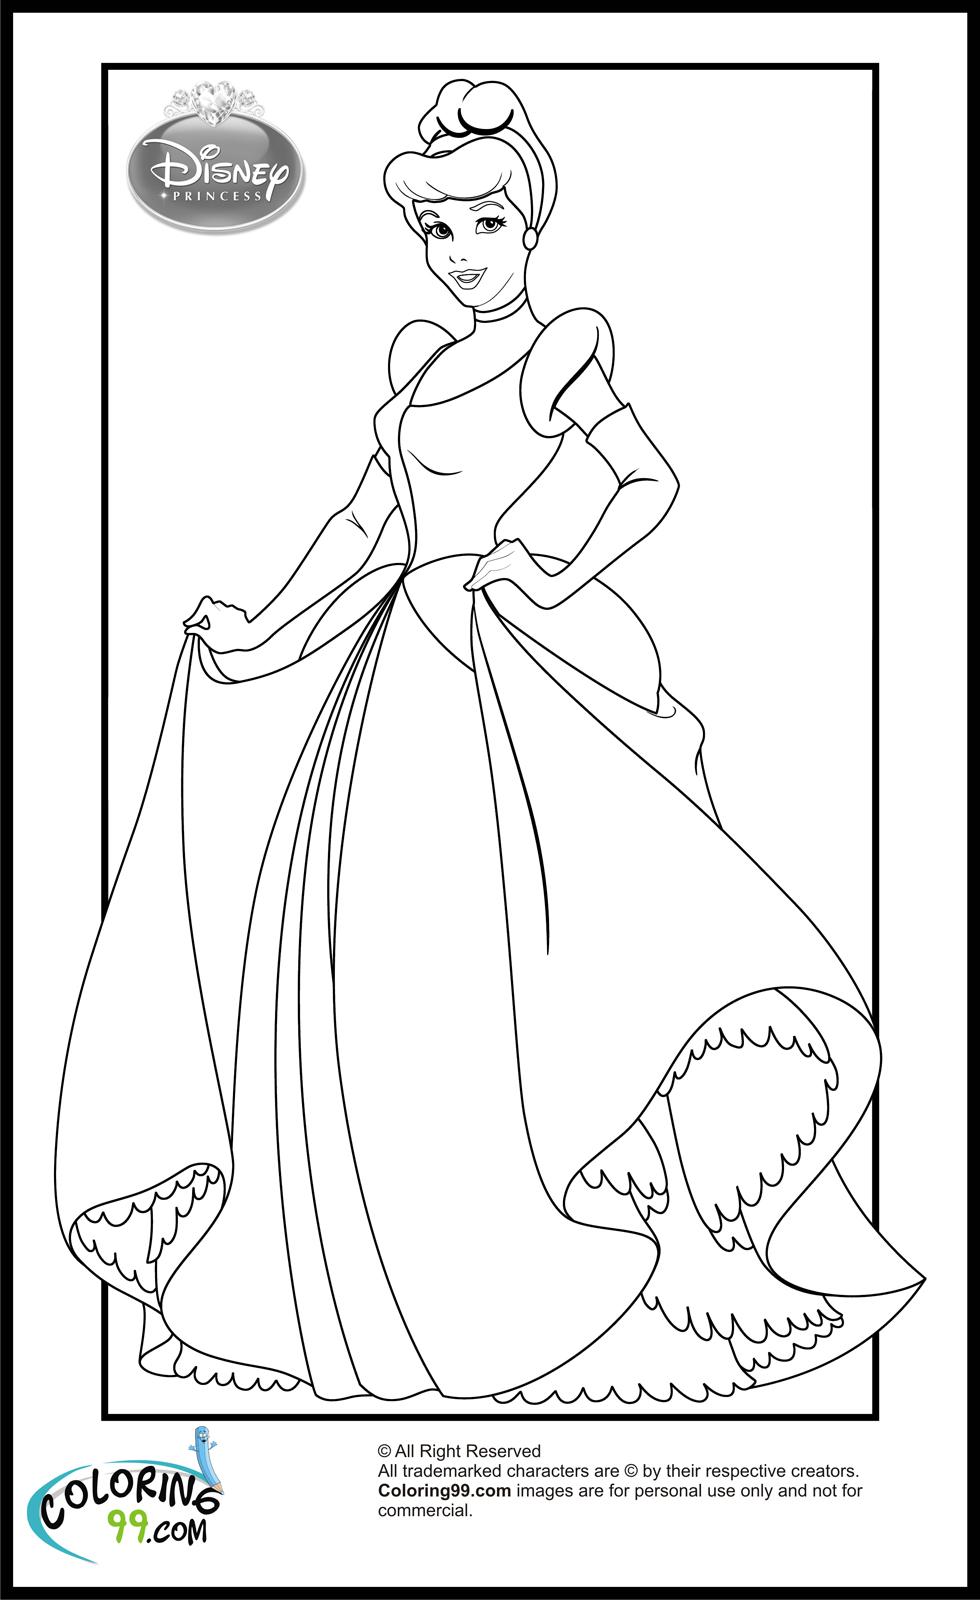 cinderella coloring page disney princess cinderella coloring pages minister coloring page cinderella coloring